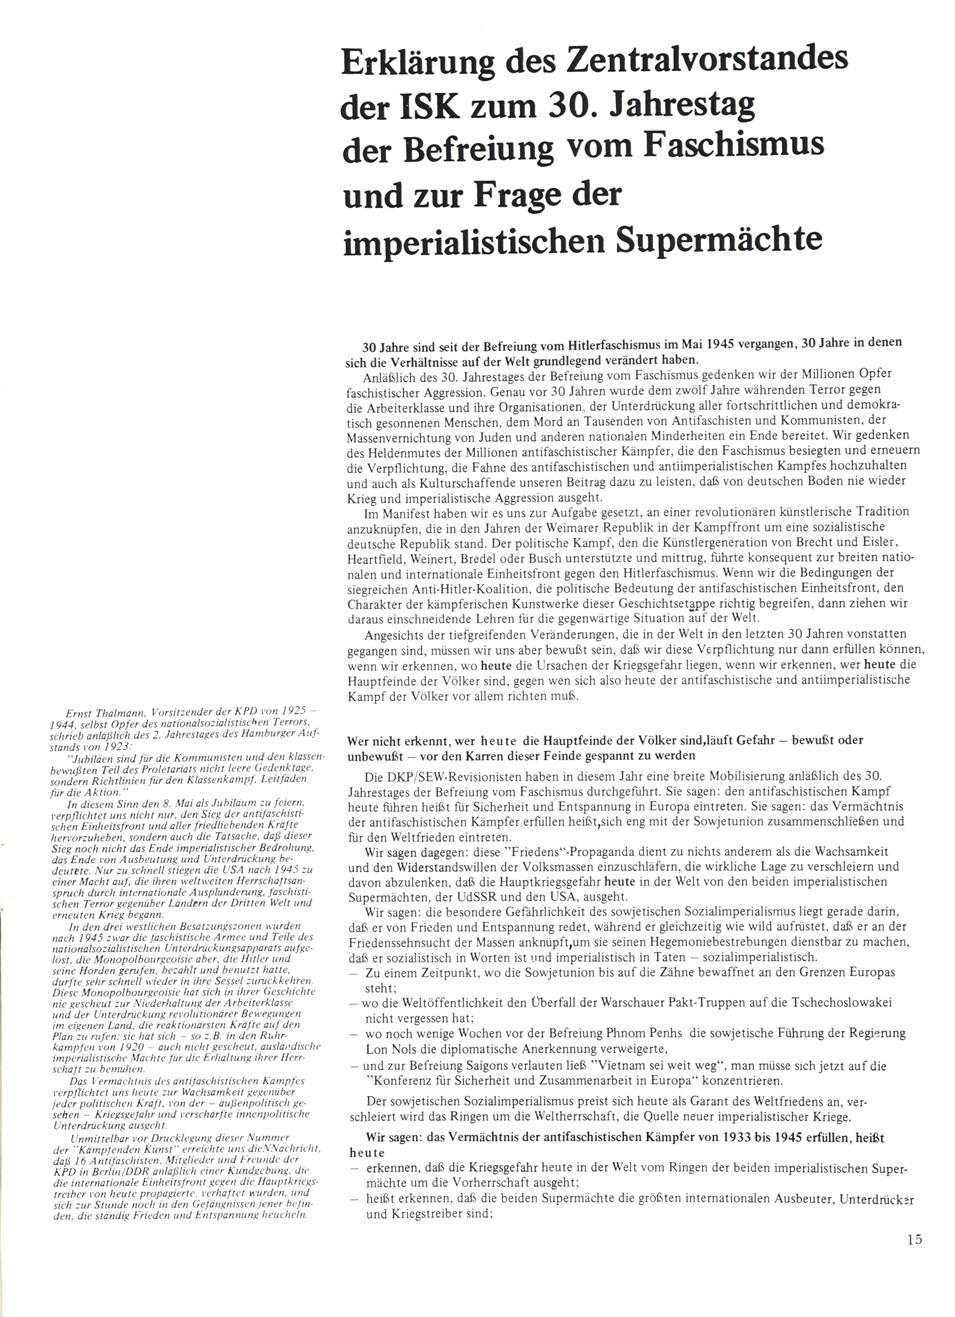 VSK_Kaempfende_Kunst_19750500_15